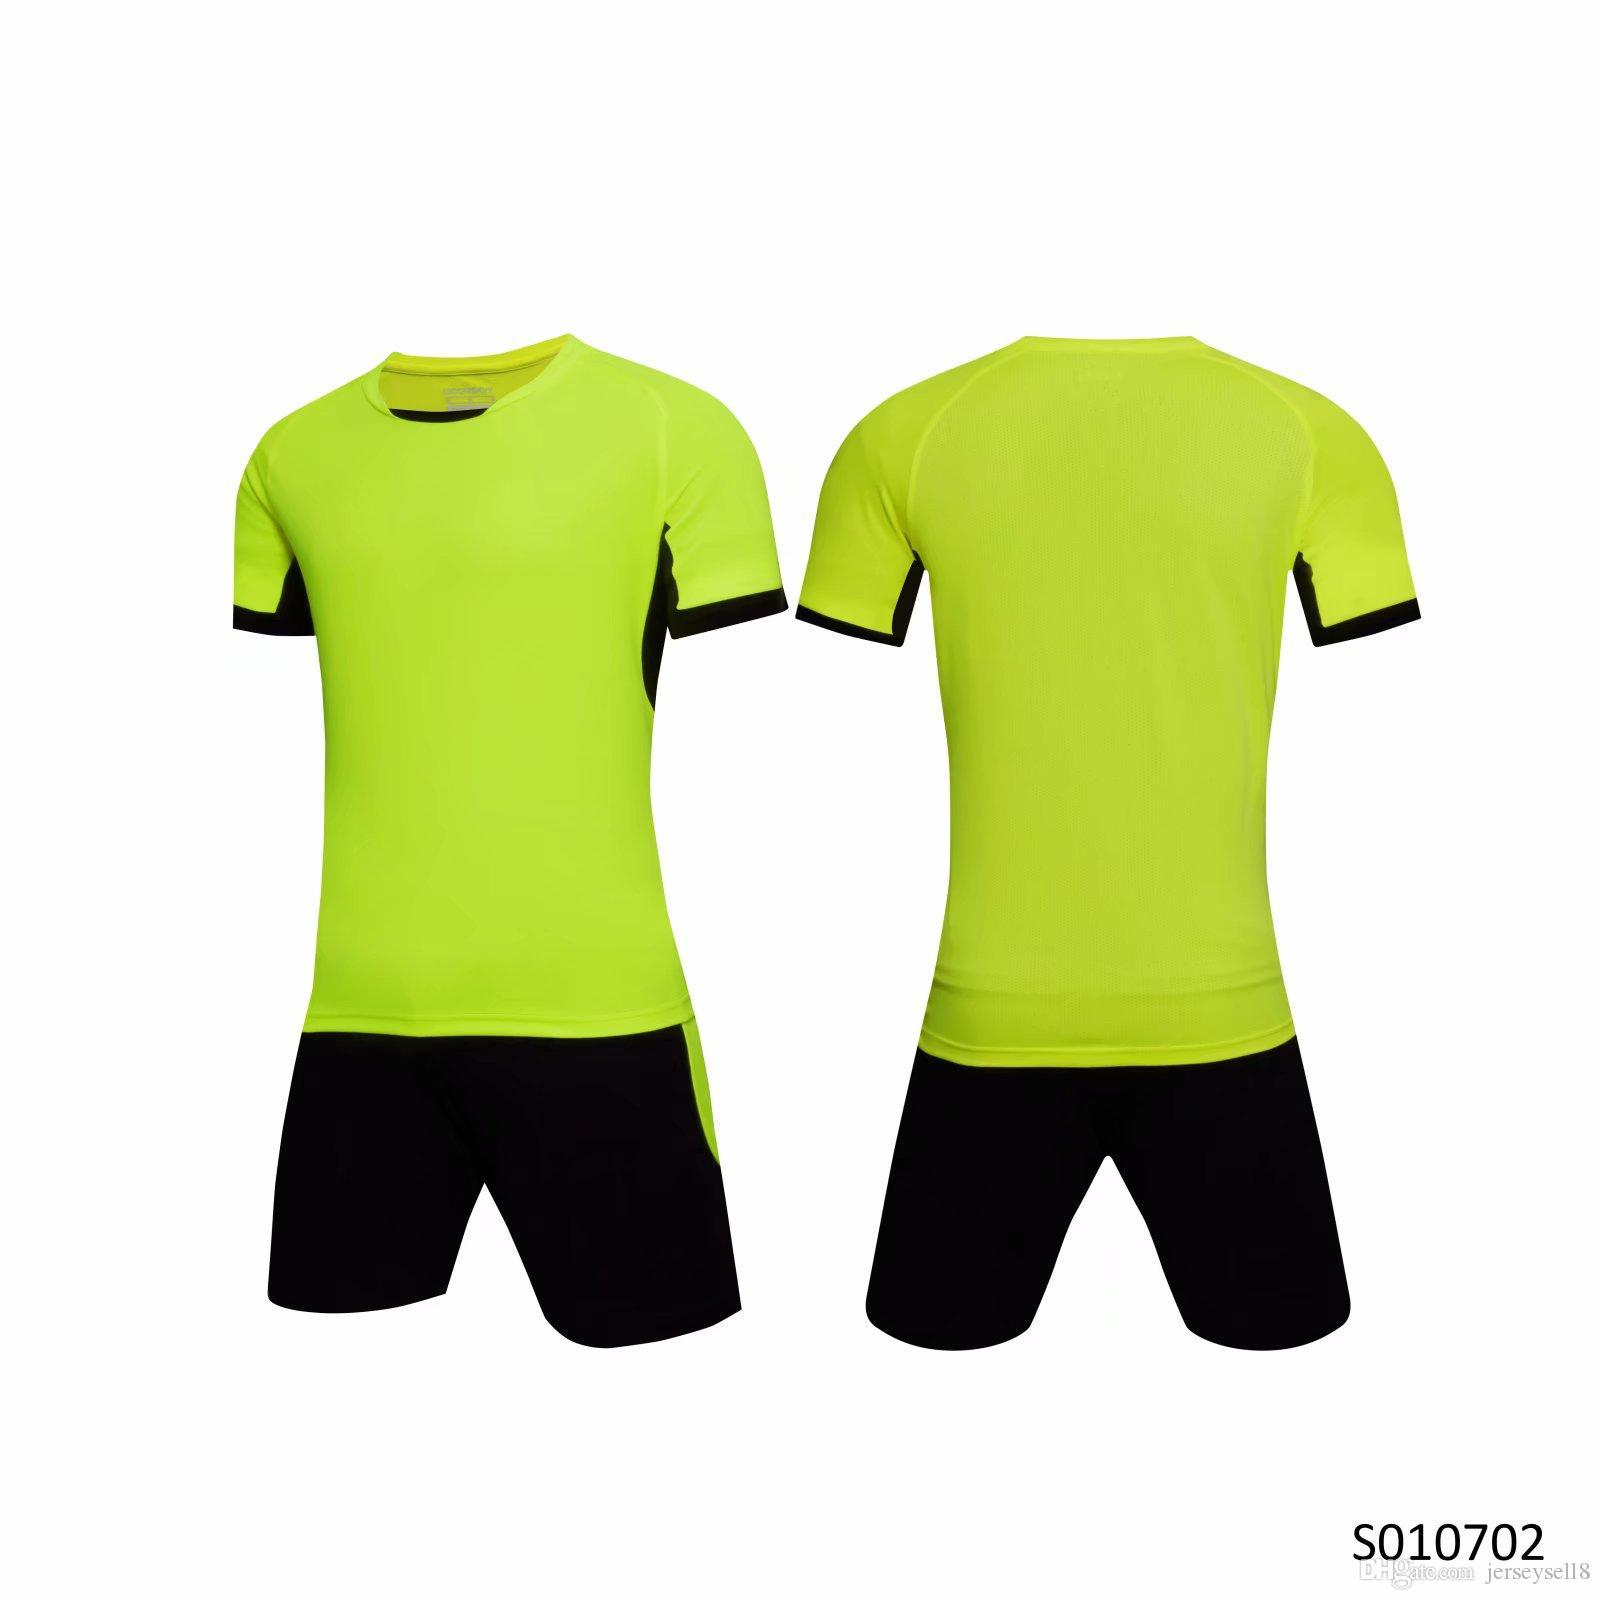 71 encargo Jersey 20/21 jersey niños jersey de fútbol kit 2019 2020 2021 niños de Ranger 19 20 Inicio de la camisa de fútbol de distancia mujer traje de hombre de fútbol